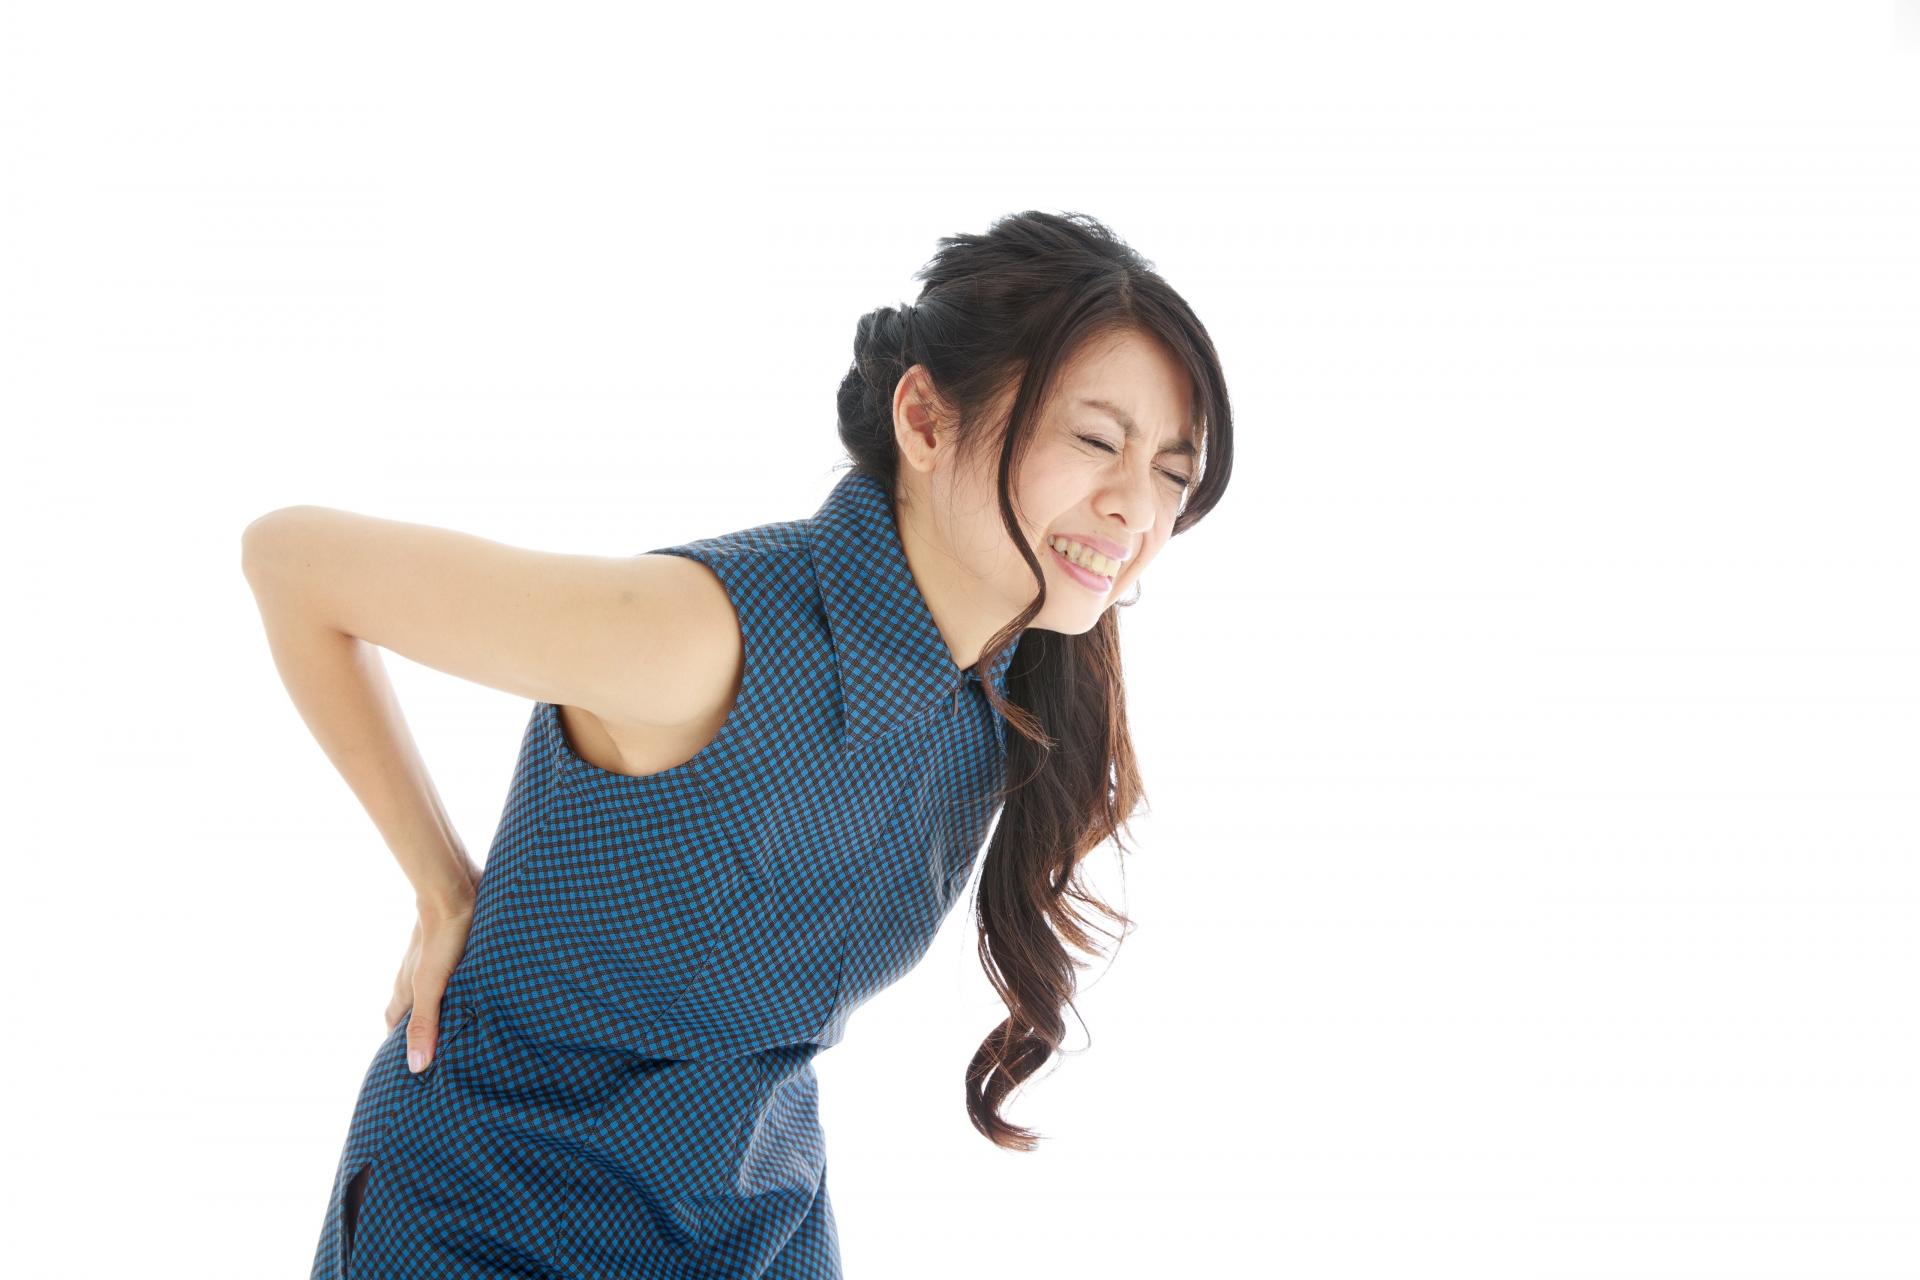 産後の坐骨神経痛の原因は?何科?辛い症状が改善!意外だった治し方とは?